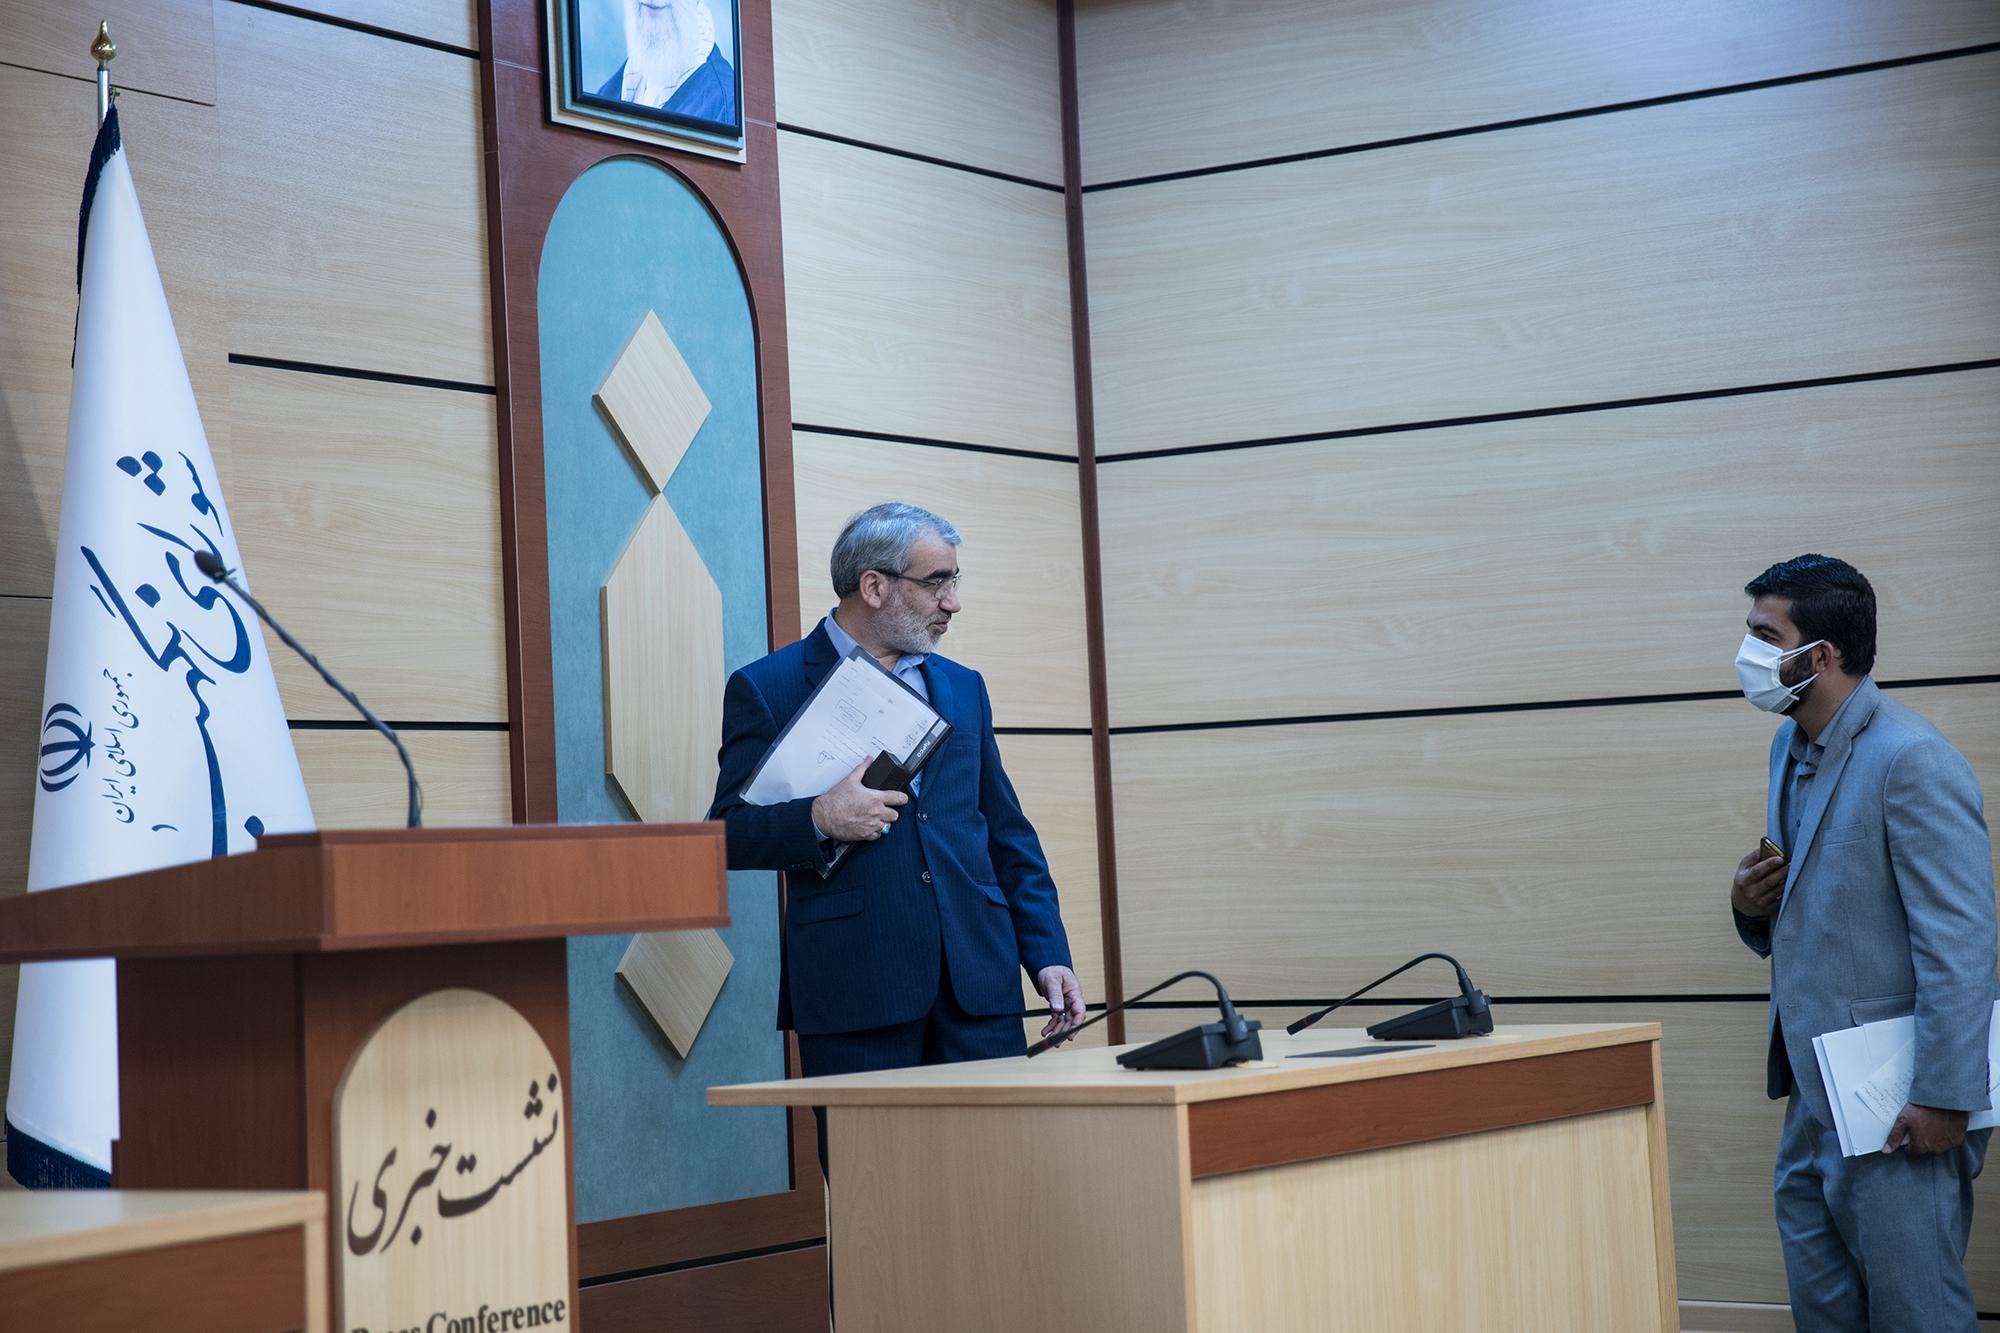 گزارش تصویری «پارسینه» از نشست خبری سخنگوی شورای نگهبان با اصحاب رسانه